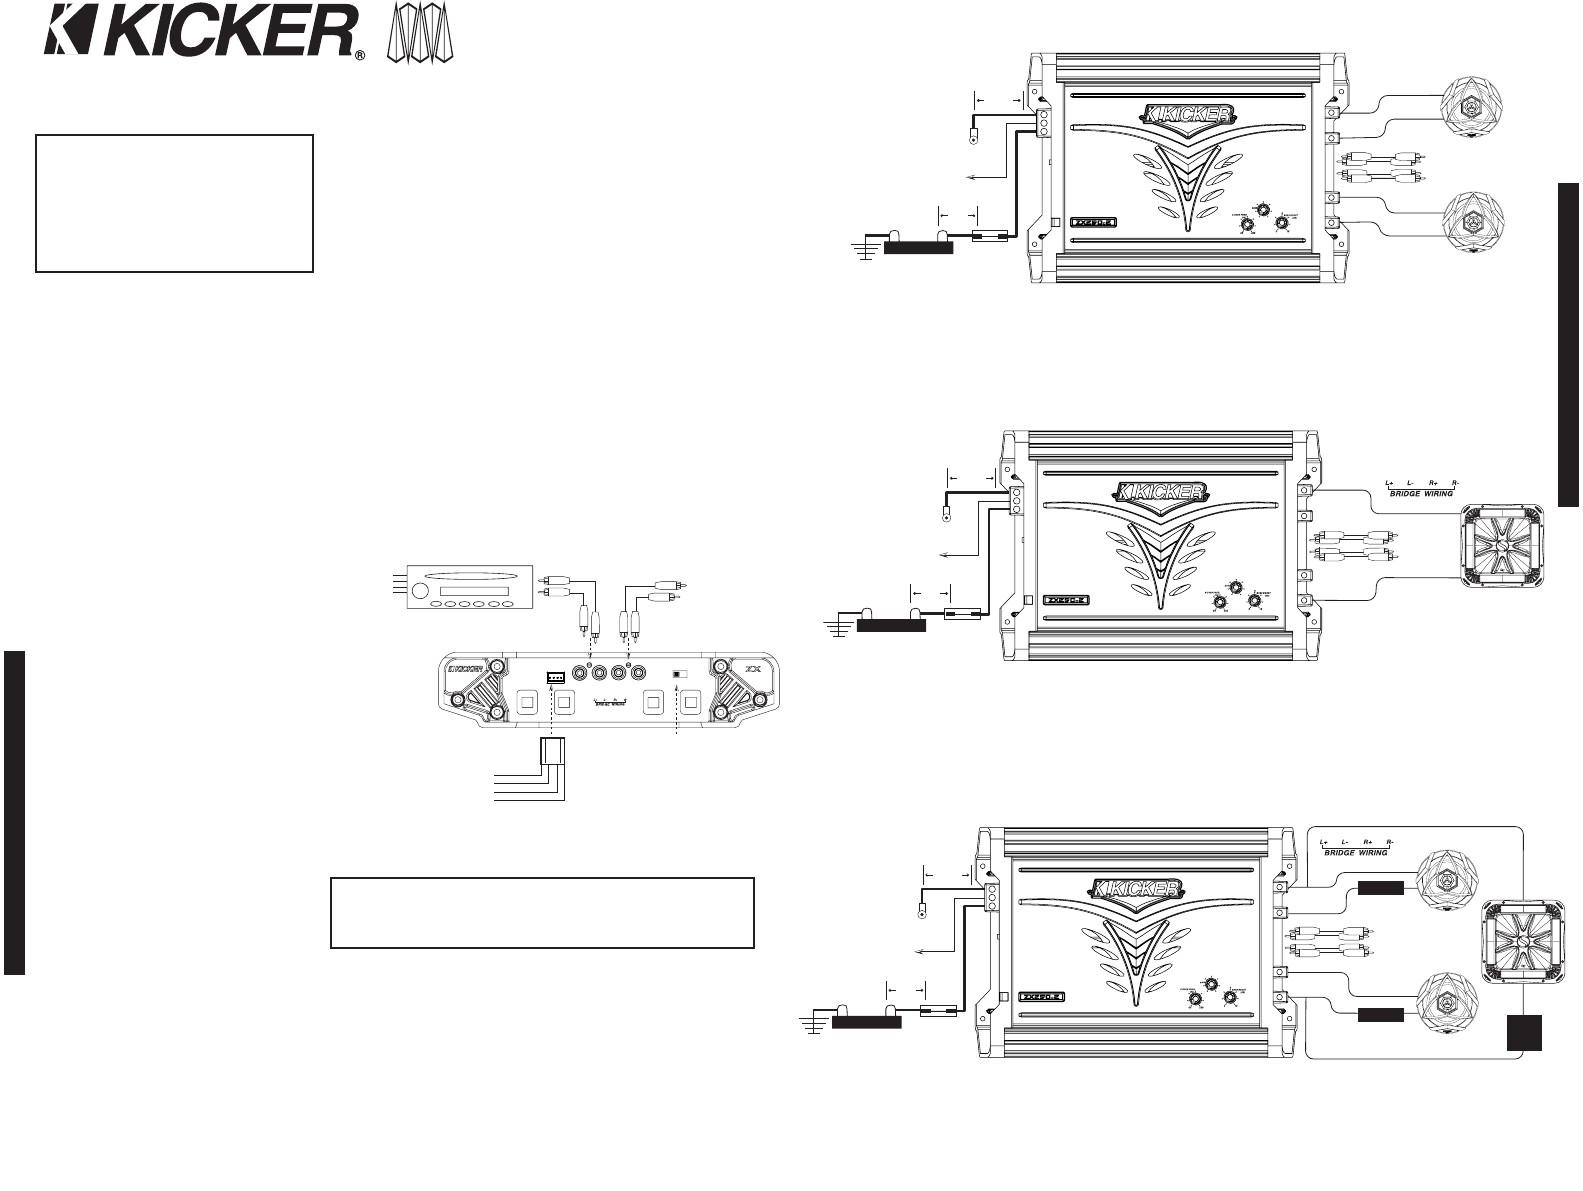 kicker p 12 wiring diagram with cvr in d8fef62e 2335 6764 c115 inside l5